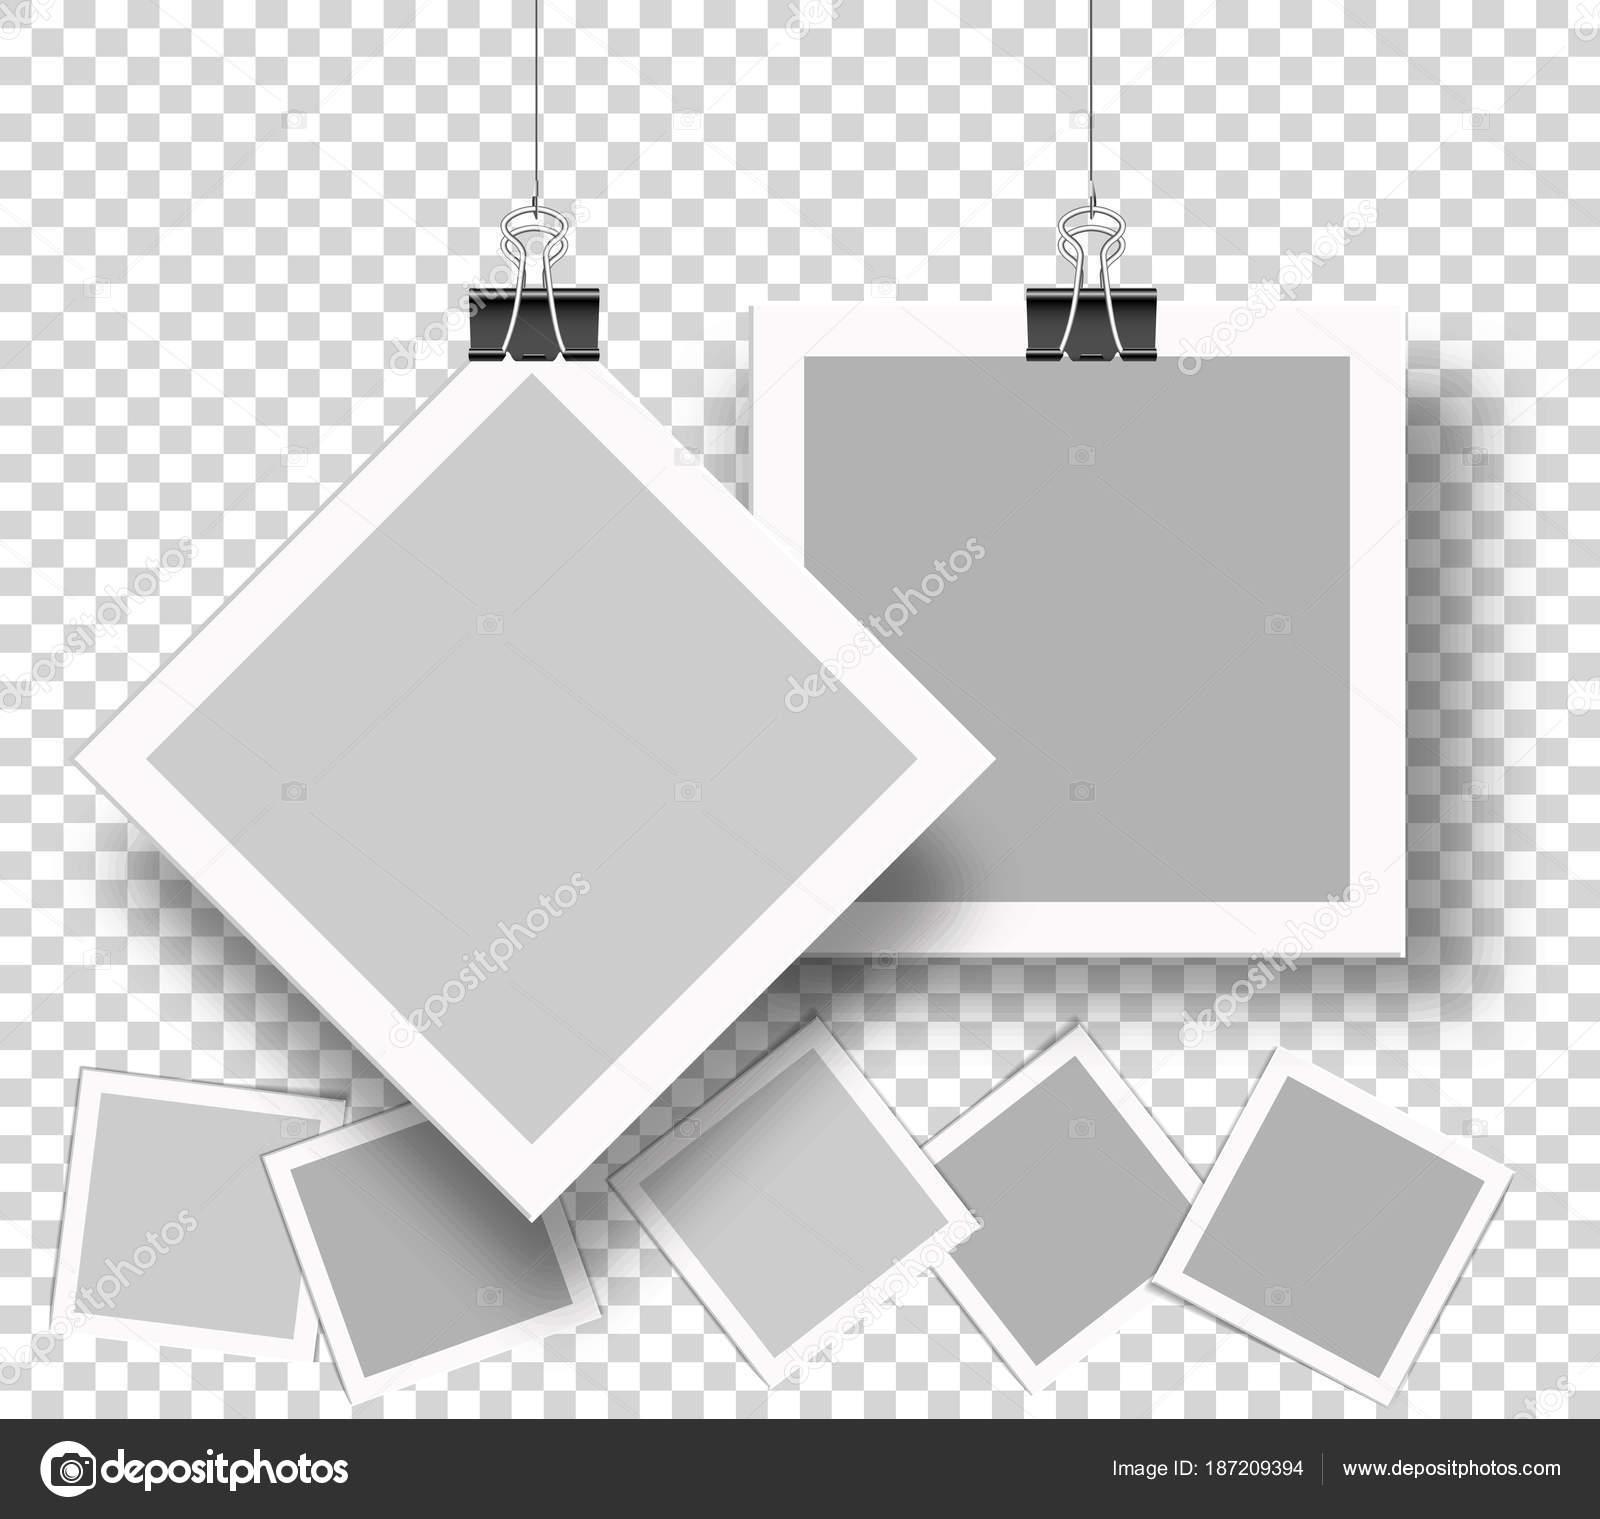 Vektor-Bilderrahmen Ihr kreatives Design und Familienfoto, Freunde ...